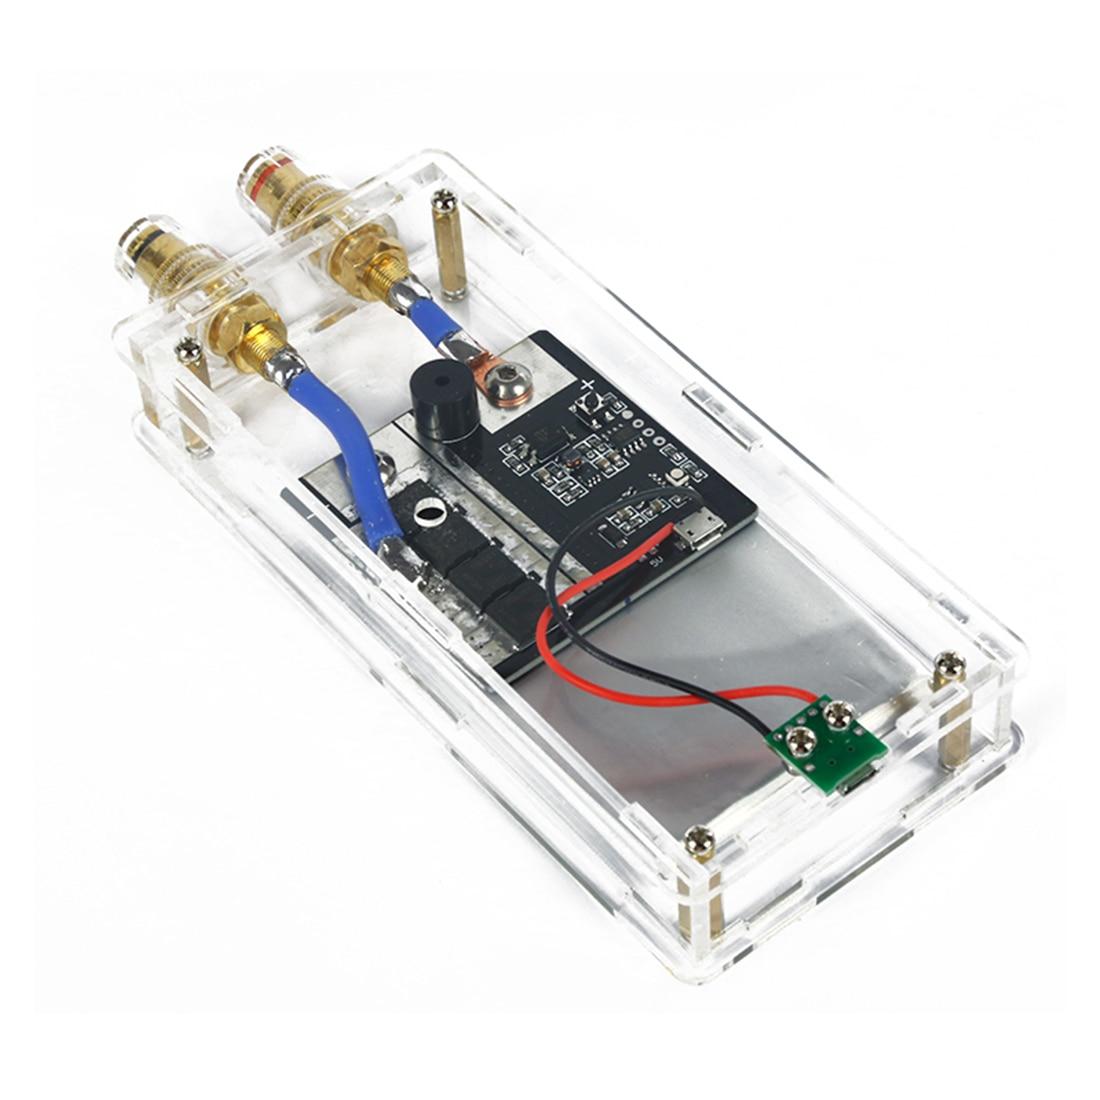 DIY Portable Spot Welder Nickel Sheet Fara Capacitor Spot Welder For 5V/12V Power Supply